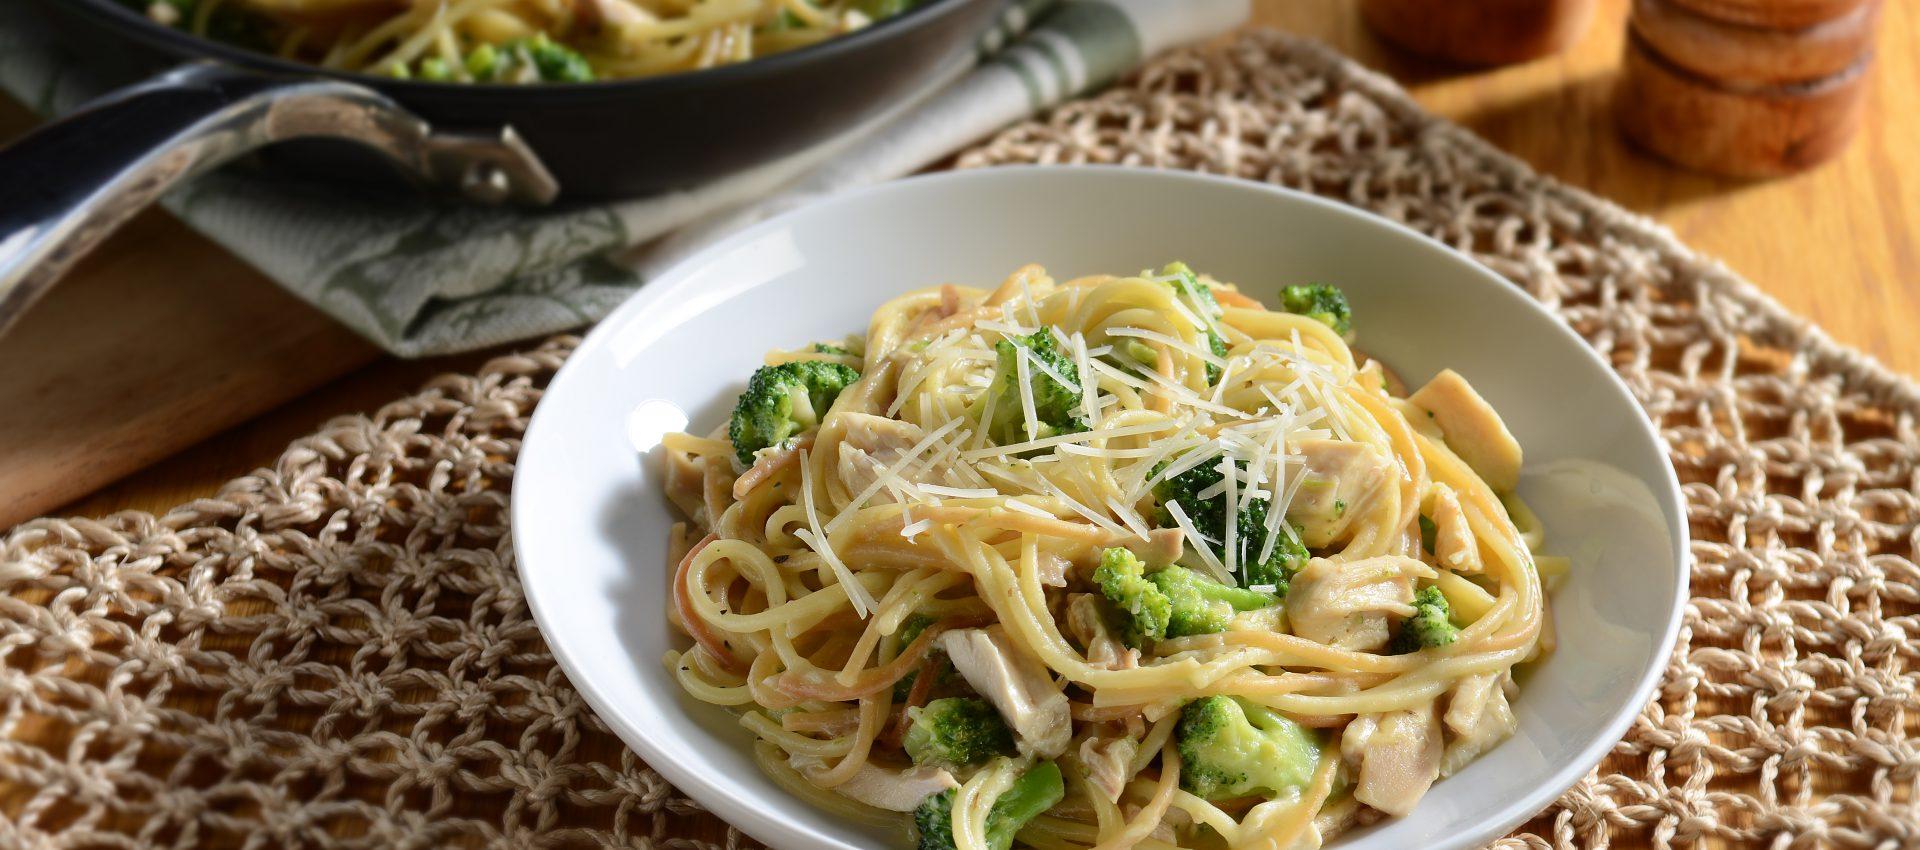 Cheesy-Rotisserie-Chicken-Skillet-Spaghetti-1-HR-1920x850 Cheesy Chicken Skillet Spaghetti